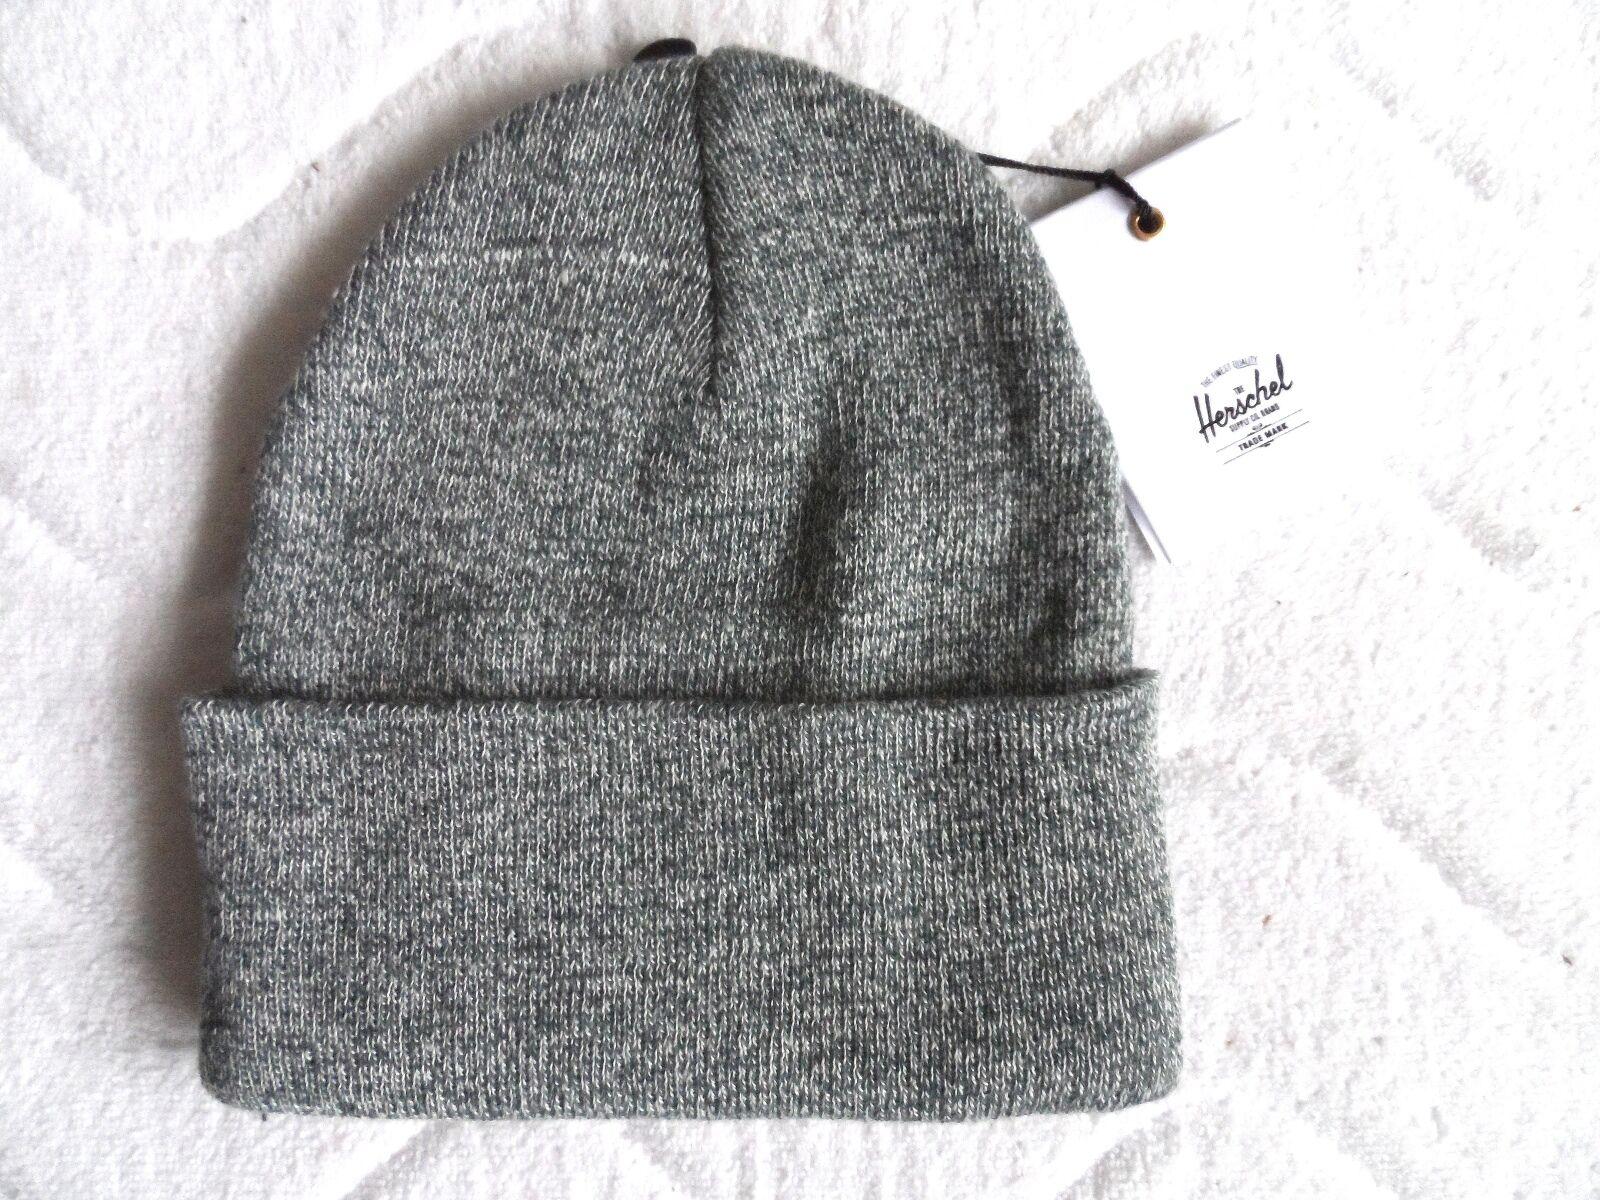 333fcf8c7f7 Herschel Supply Co. Heather Grey Deep Cuff Beanie Hat Unisex Womens Mens  M18 for sale online